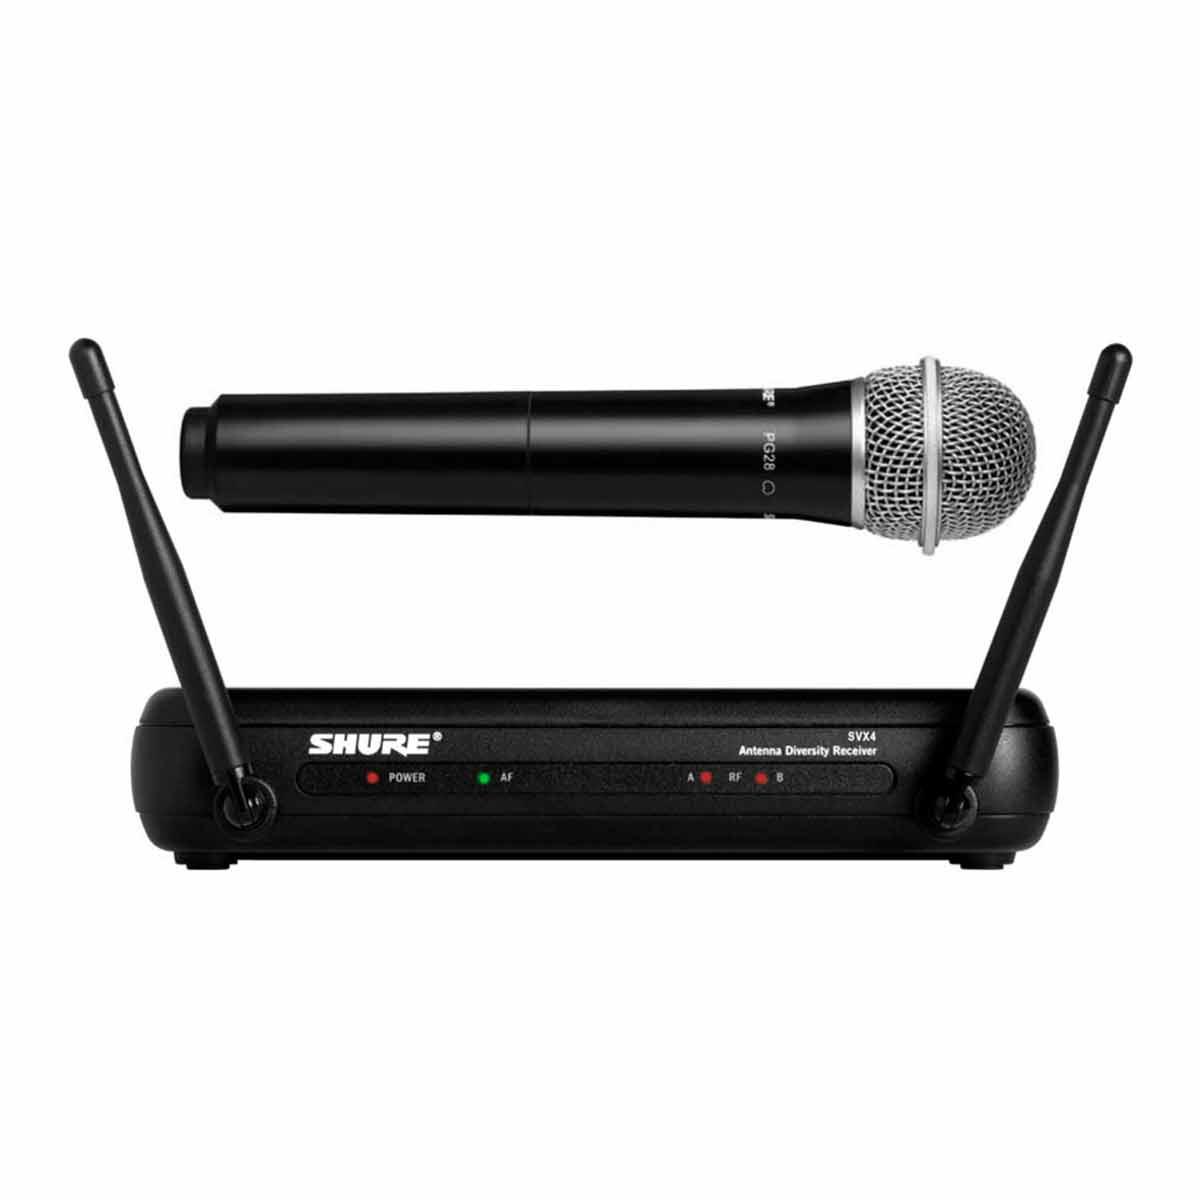 SVX24BRPG28 - Microfone s/ Fio de Mão SVX 24BR PG28 - Shure